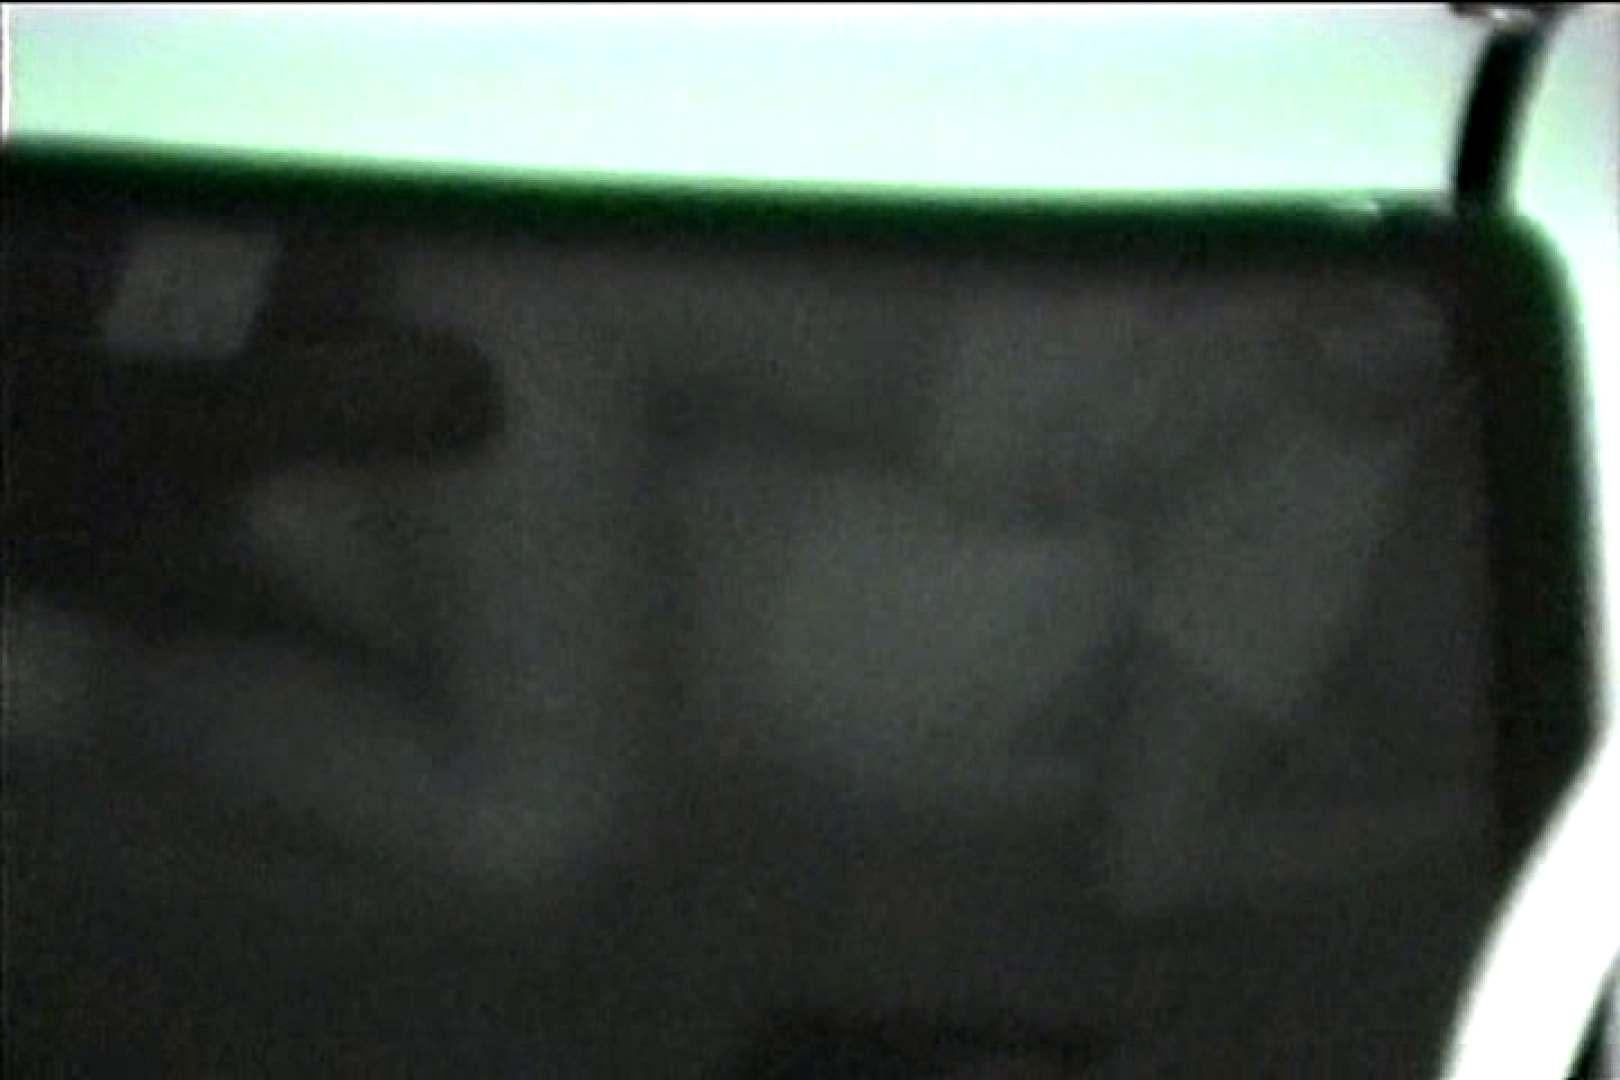 車の中はラブホテル 無修正版  Vol.7 車 おまんこ無修正動画無料 81画像 44